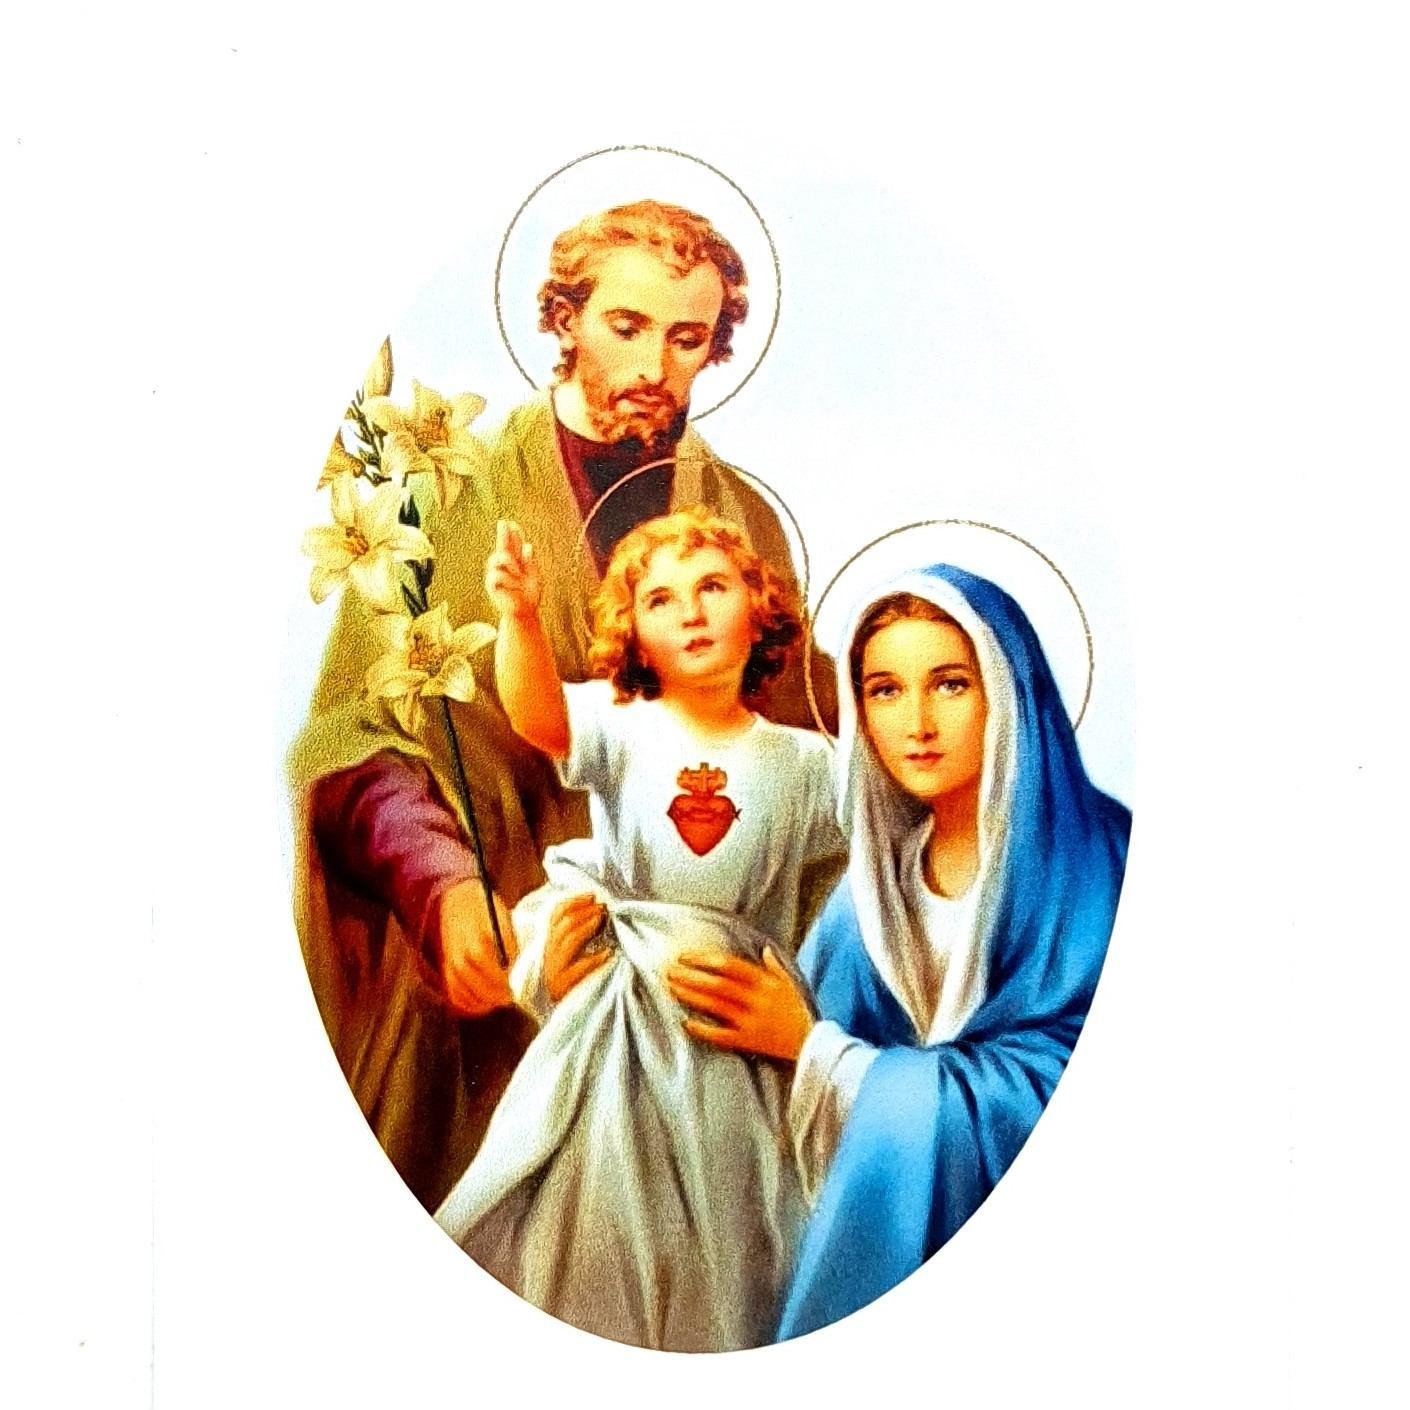 Adesivo Sagrada Família 10x7